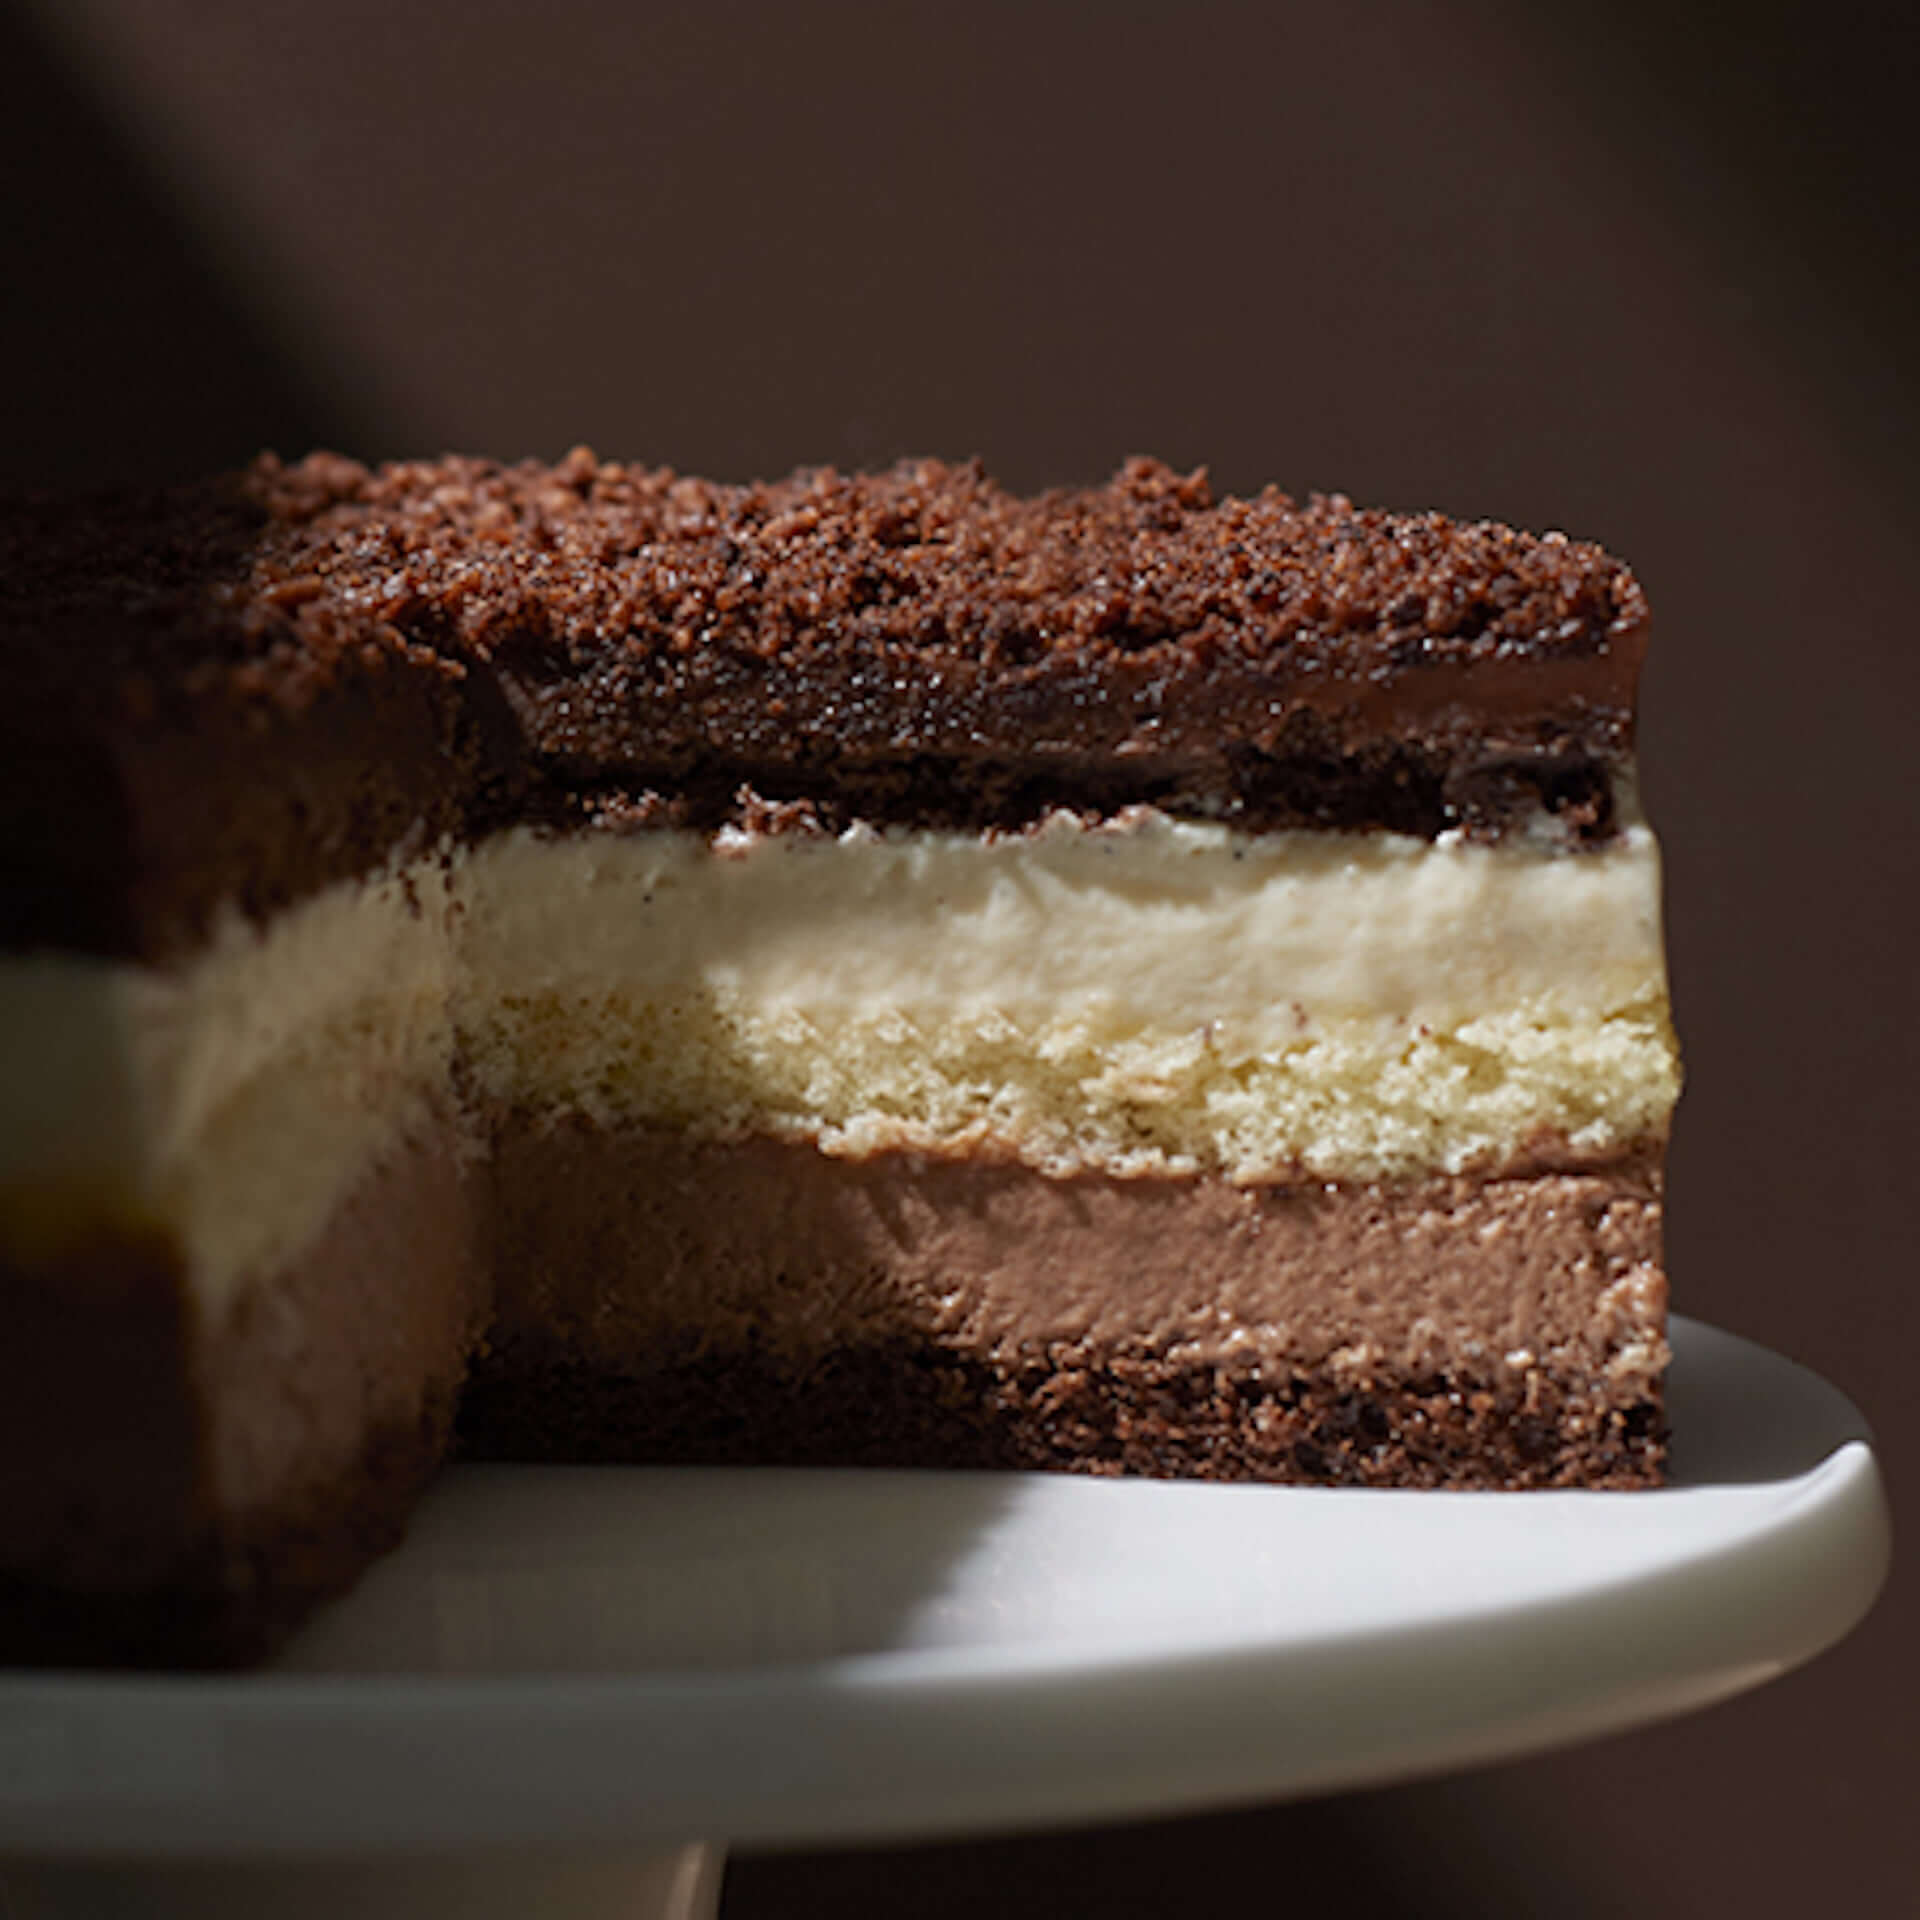 豪華7層のチョコレートケーキ『クーシュドショコラ』が小樽洋菓子舗ルタオから登場!バレンタイン期間限定で販売中 gourmet210128_letao_2-1920x1920